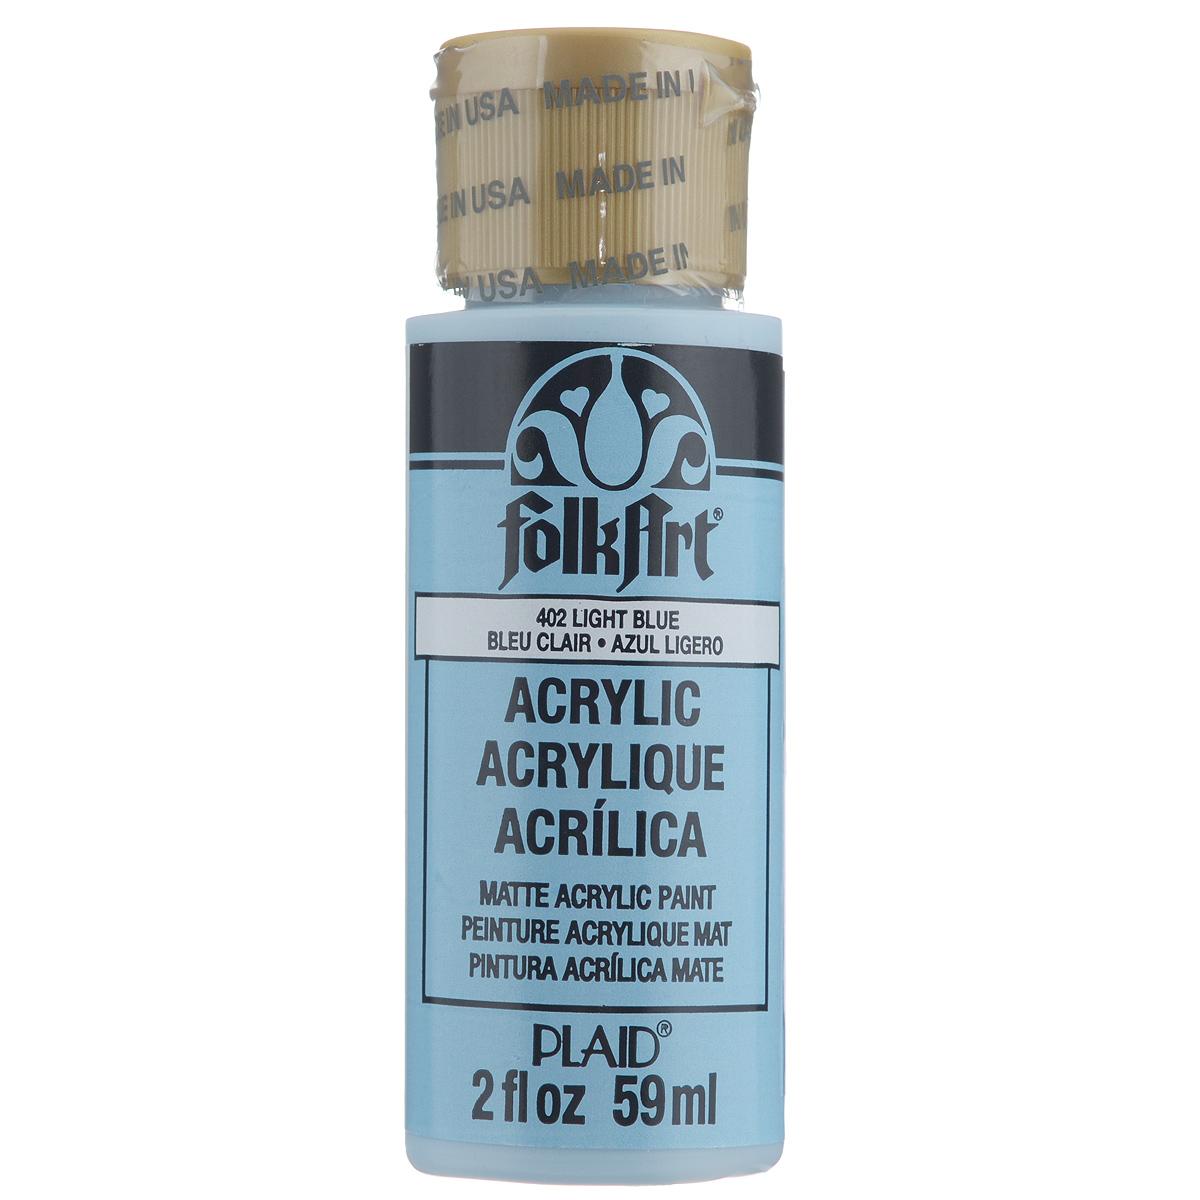 Акриловая краска FolkArt, цвет: светло-голубой, 59 млPLD-00402Акриловая краска FolkArt выполнена на водной основе и предназначена для рисования на пористых поверхностях. Возможно нанесение на ткань, стекло и керамику при использовании со специальными составами-медиумами. Стойкое окрашивание, однородная консистенция. Краски разных цветов хорошо смешиваются между собой. Перед повторным нанесением краски дать высохнуть в течение 1 часа. До высыхания может быть смыта водой с мылом. Объем: 59 мл.